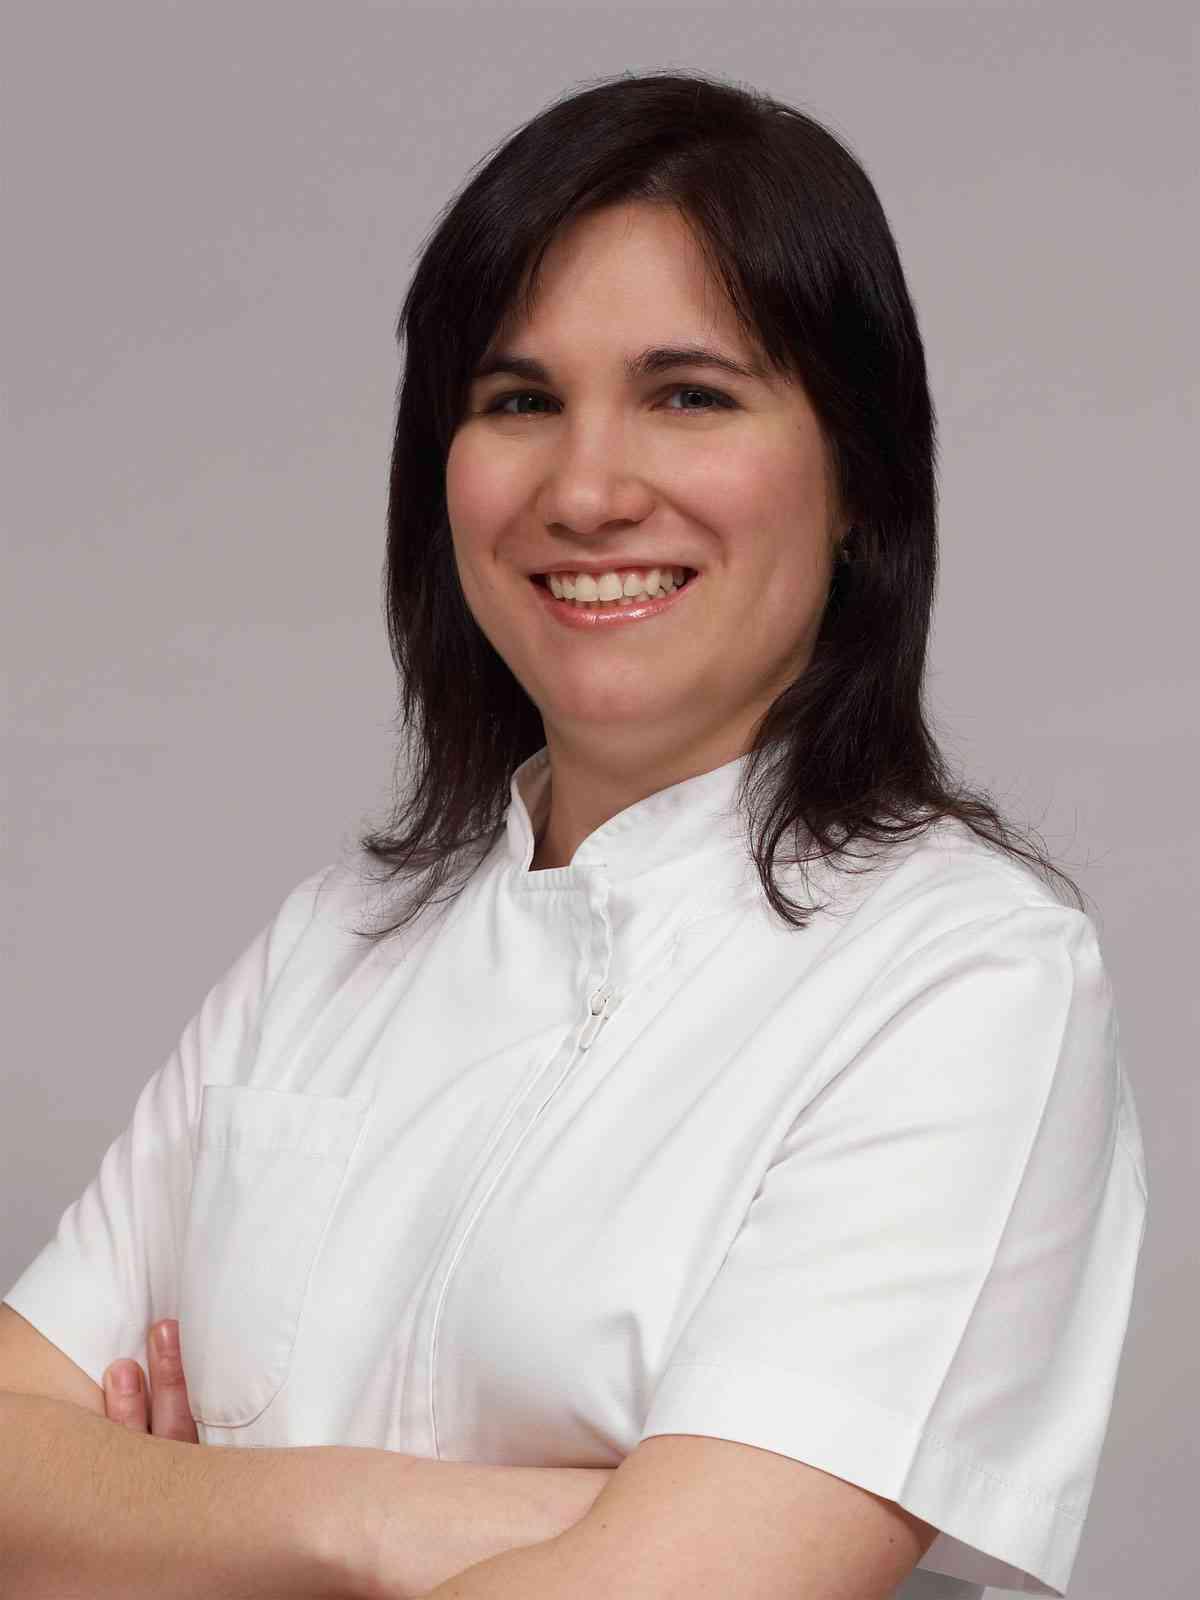 Sra. Sílvia Beà Fontanet